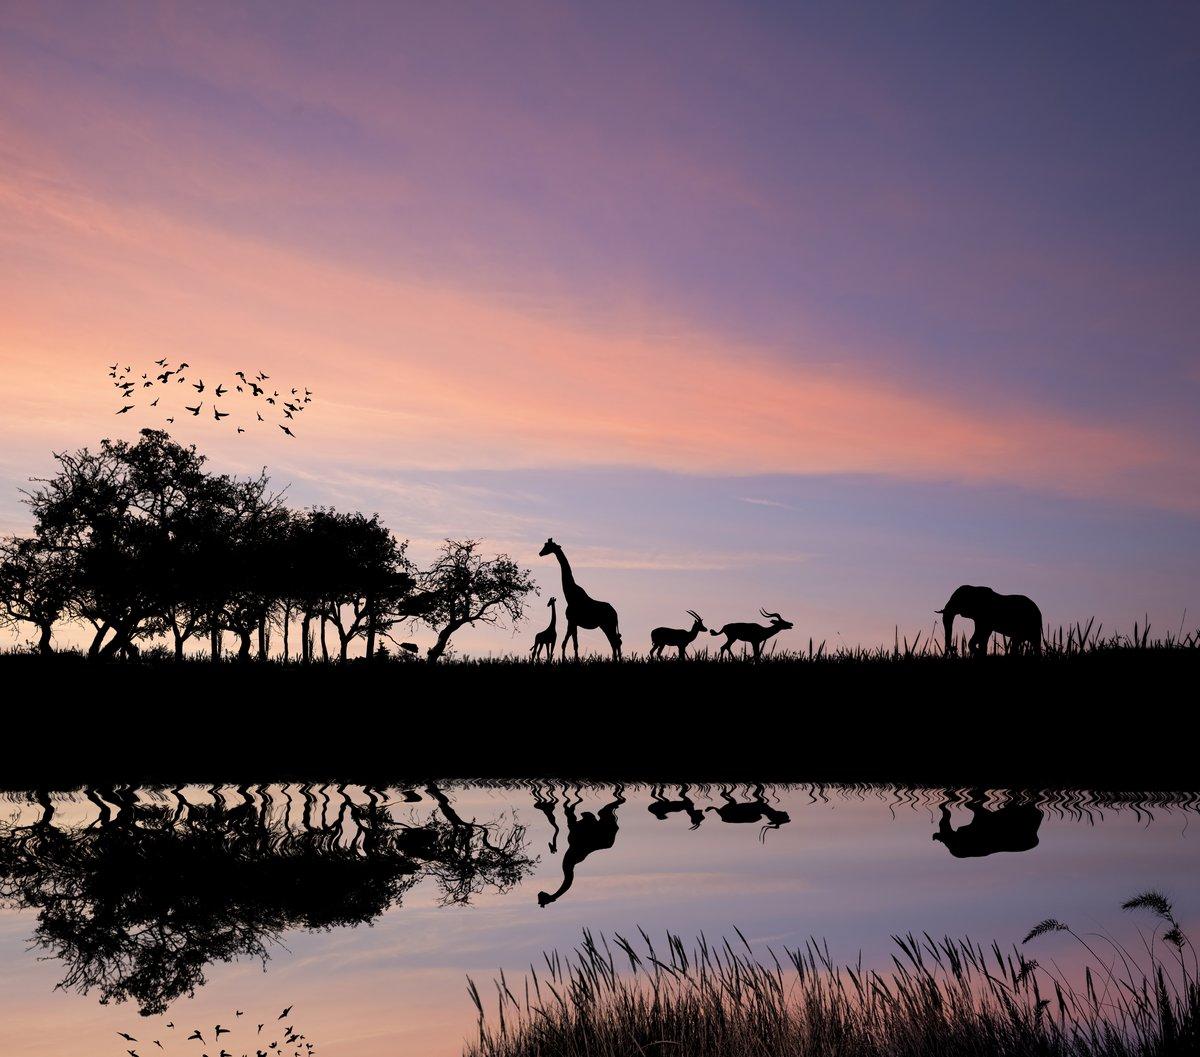 Постер Животные Сафари в Африке диких животных reflction в воде силуэт, 23x20 см, на бумагеСлоны<br>Постер на холсте или бумаге. Любого нужного вам размера. В раме или без. Подвес в комплекте. Трехслойная надежная упаковка. Доставим в любую точку России. Вам осталось только повесить картину на стену!<br>